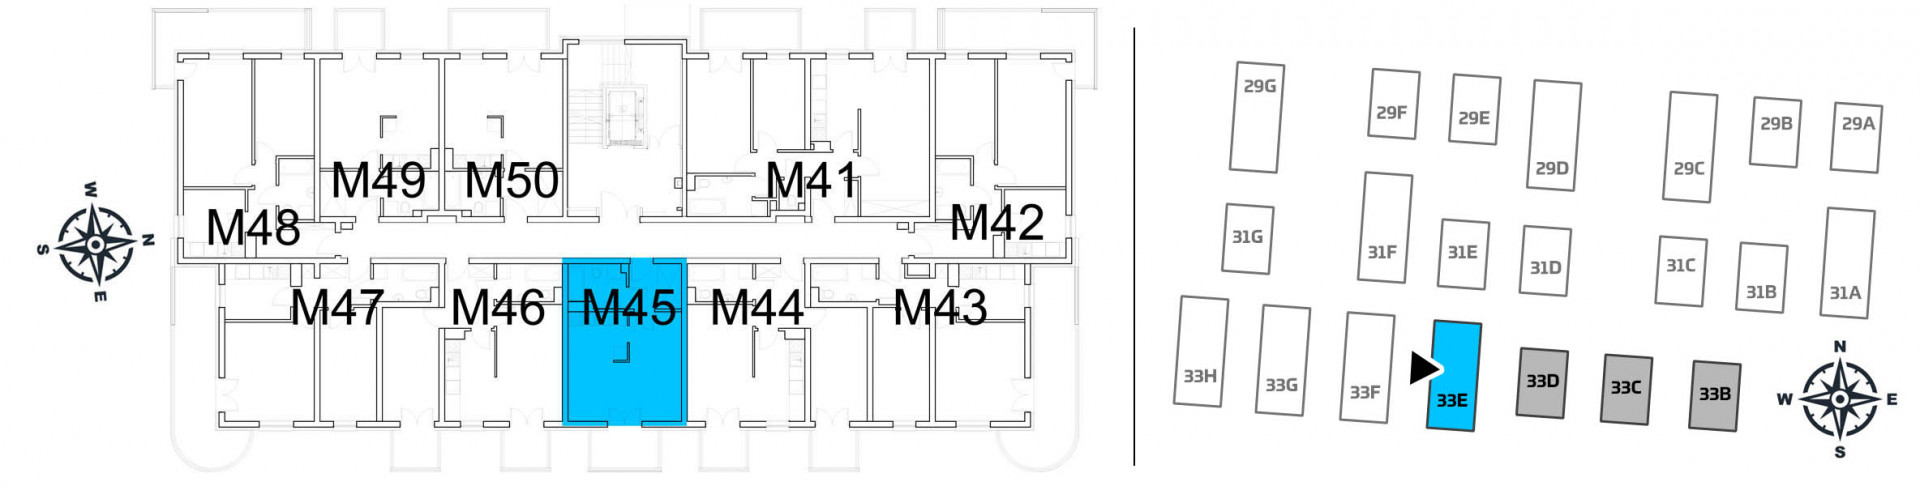 Mieszkanie jednopokojowe 33E/45 rzut 2